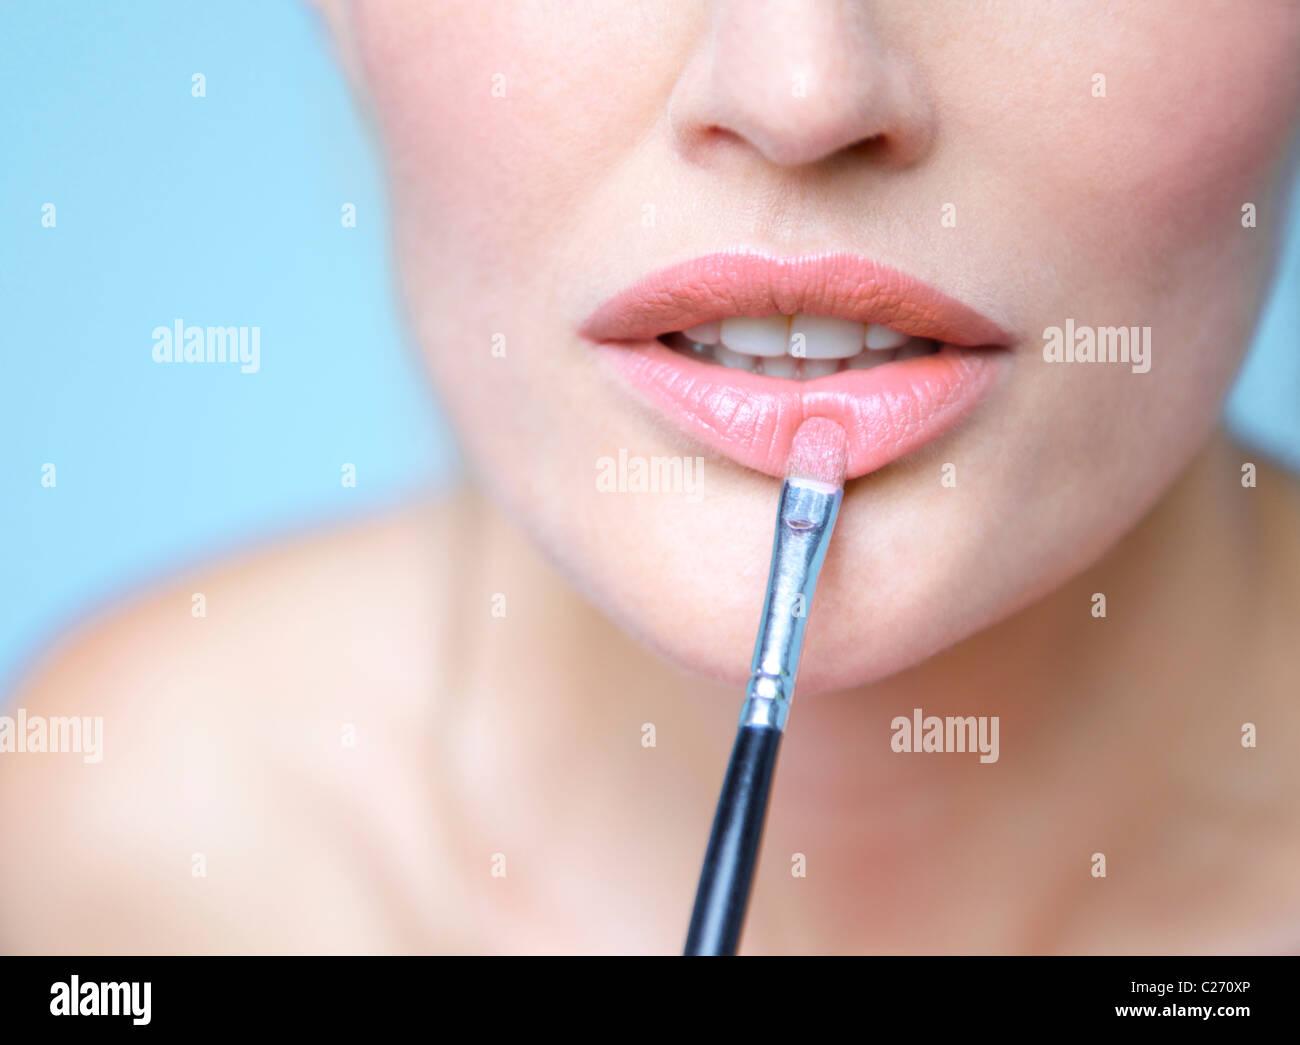 La donna il rossetto con il pennello da trucco - VISTA DA VICINO Foto Stock